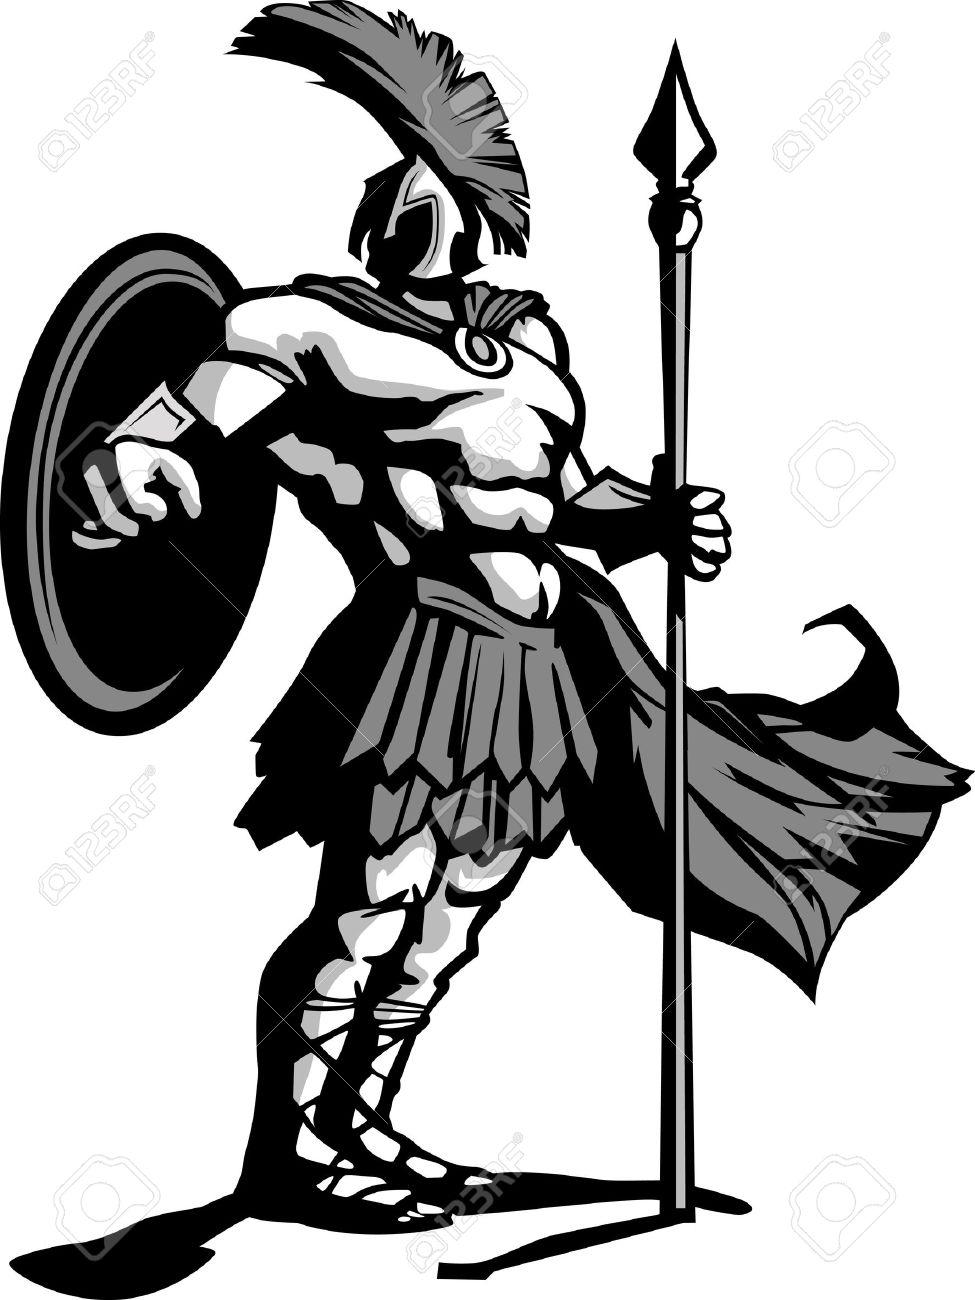 567 Spartan free clipart.